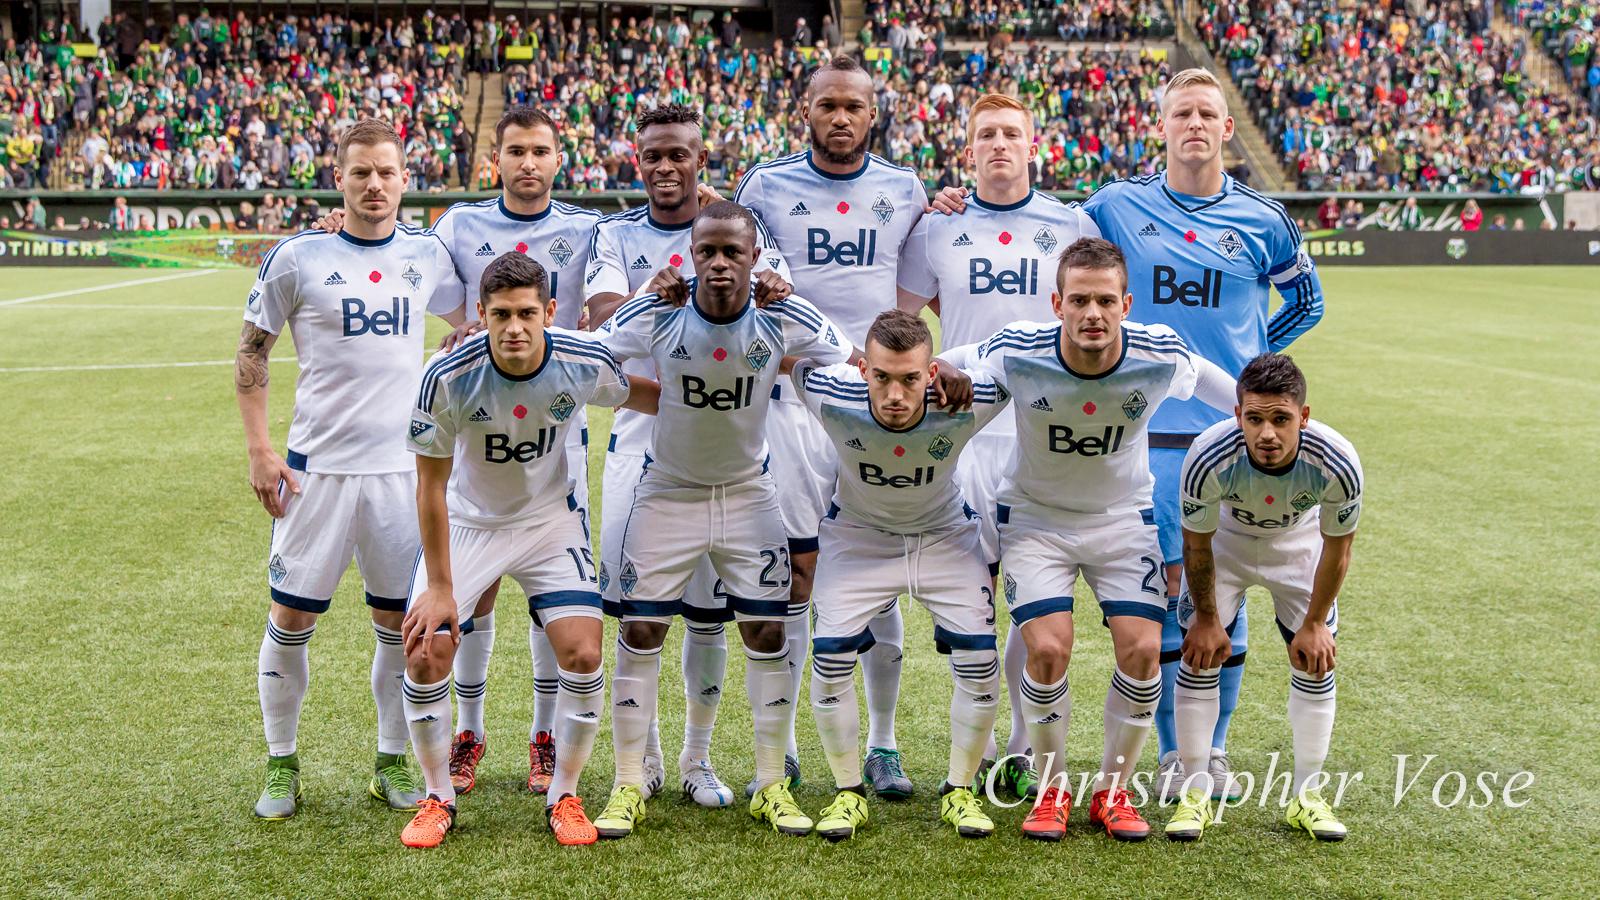 2015-11-01 Vancouver Whitecaps FC.jpg